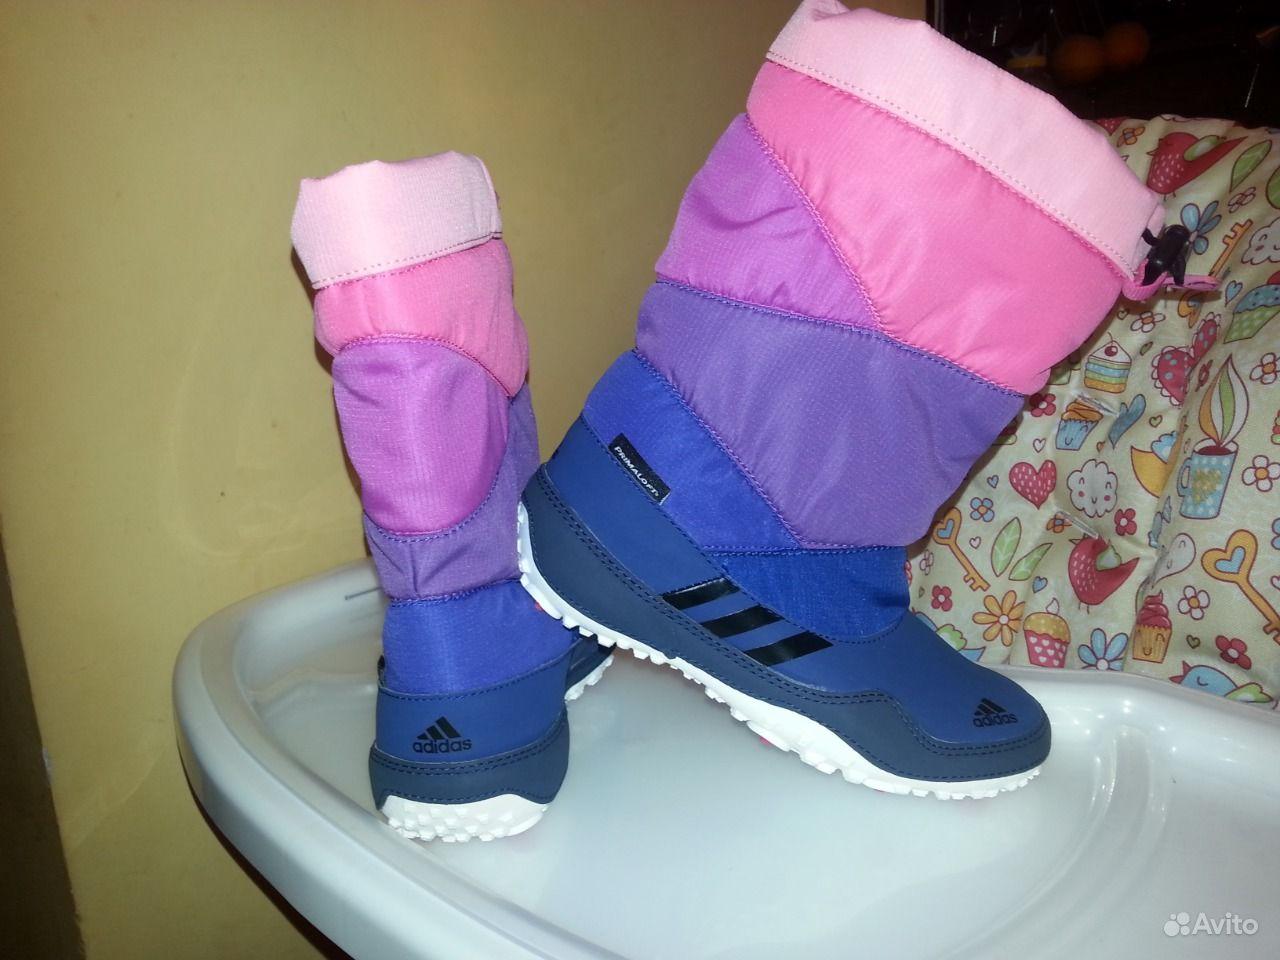 a1f173b43 Означает, детская обувь сан марко смотрятся модели